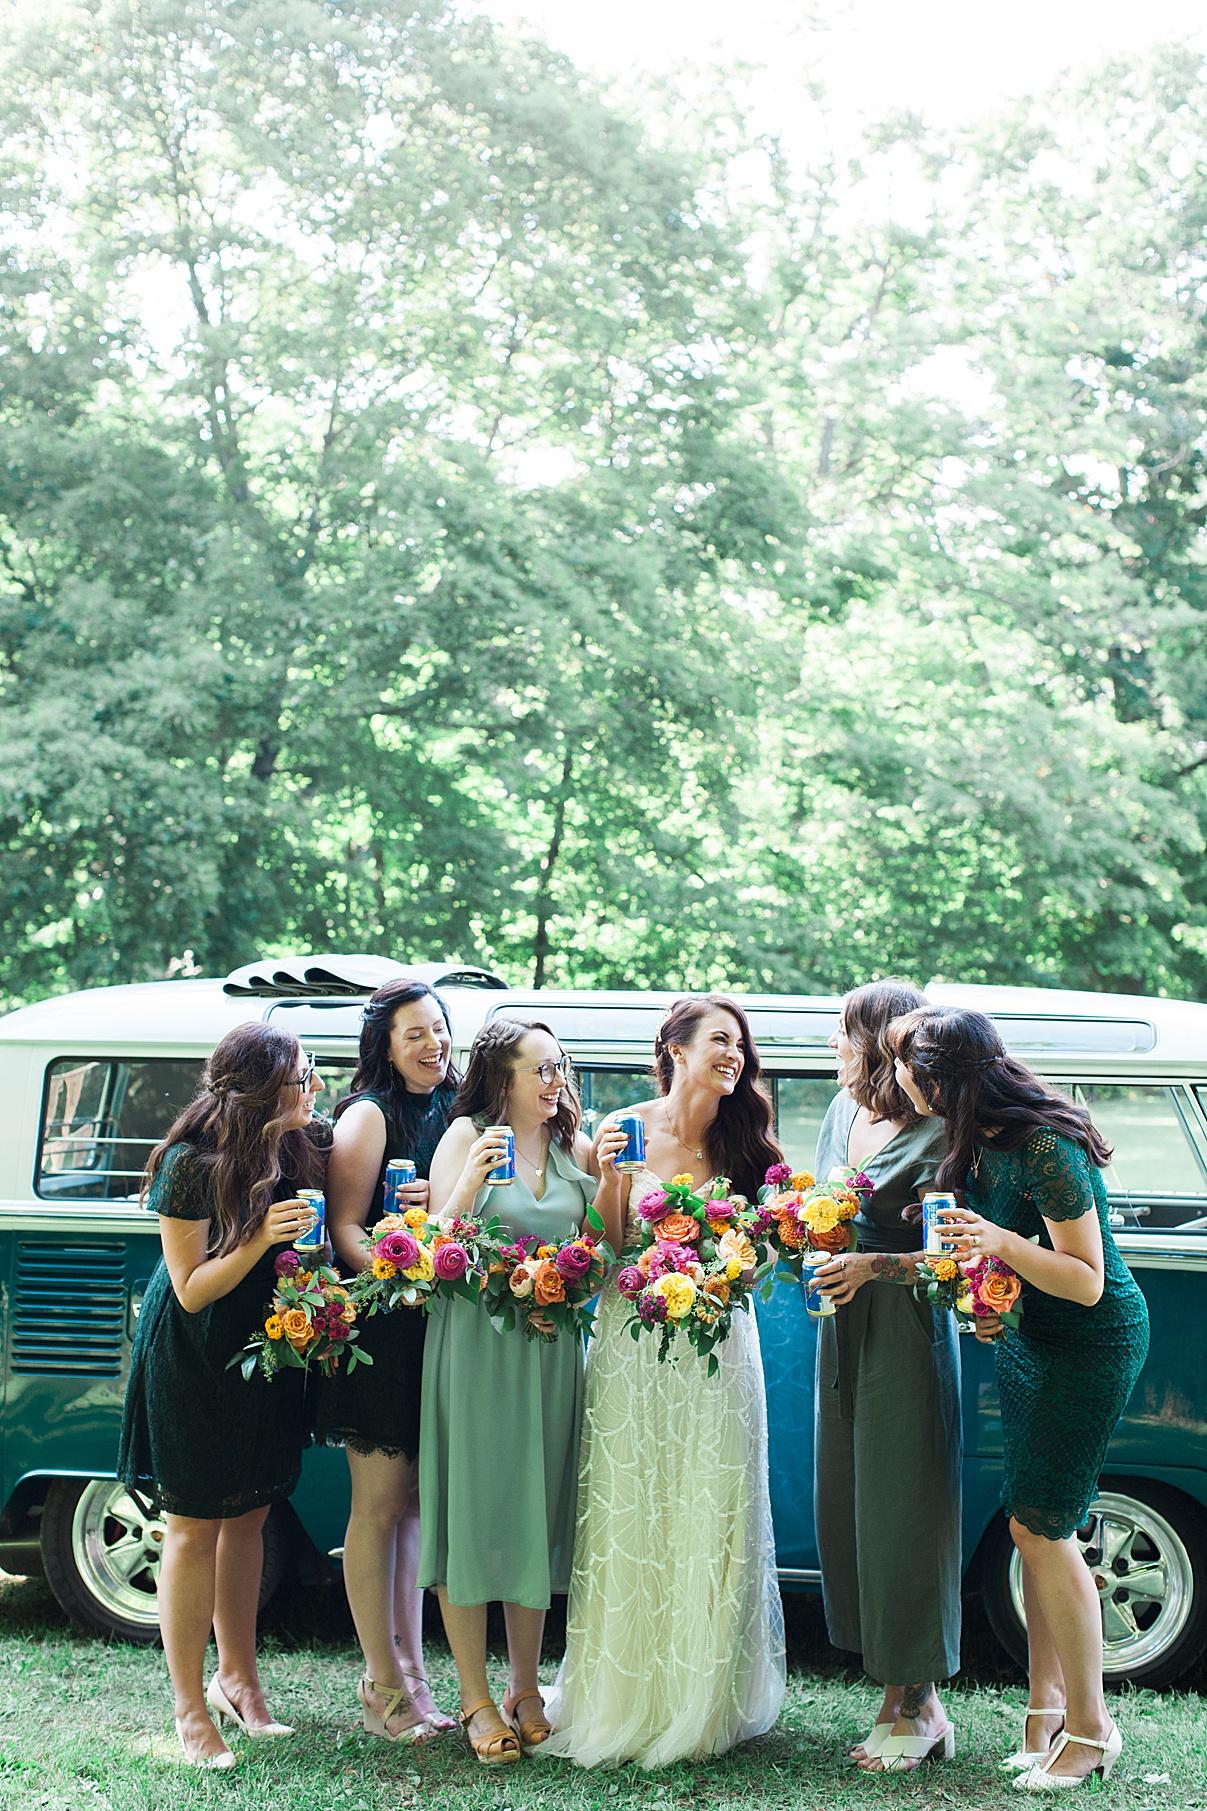 Bride and bridesmaids by vintage bus| Balls Falls, Ontario Wedding| Ontario Wedding Photographer| Toronto Wedding Photographer| 3Photography| 3photography.ca